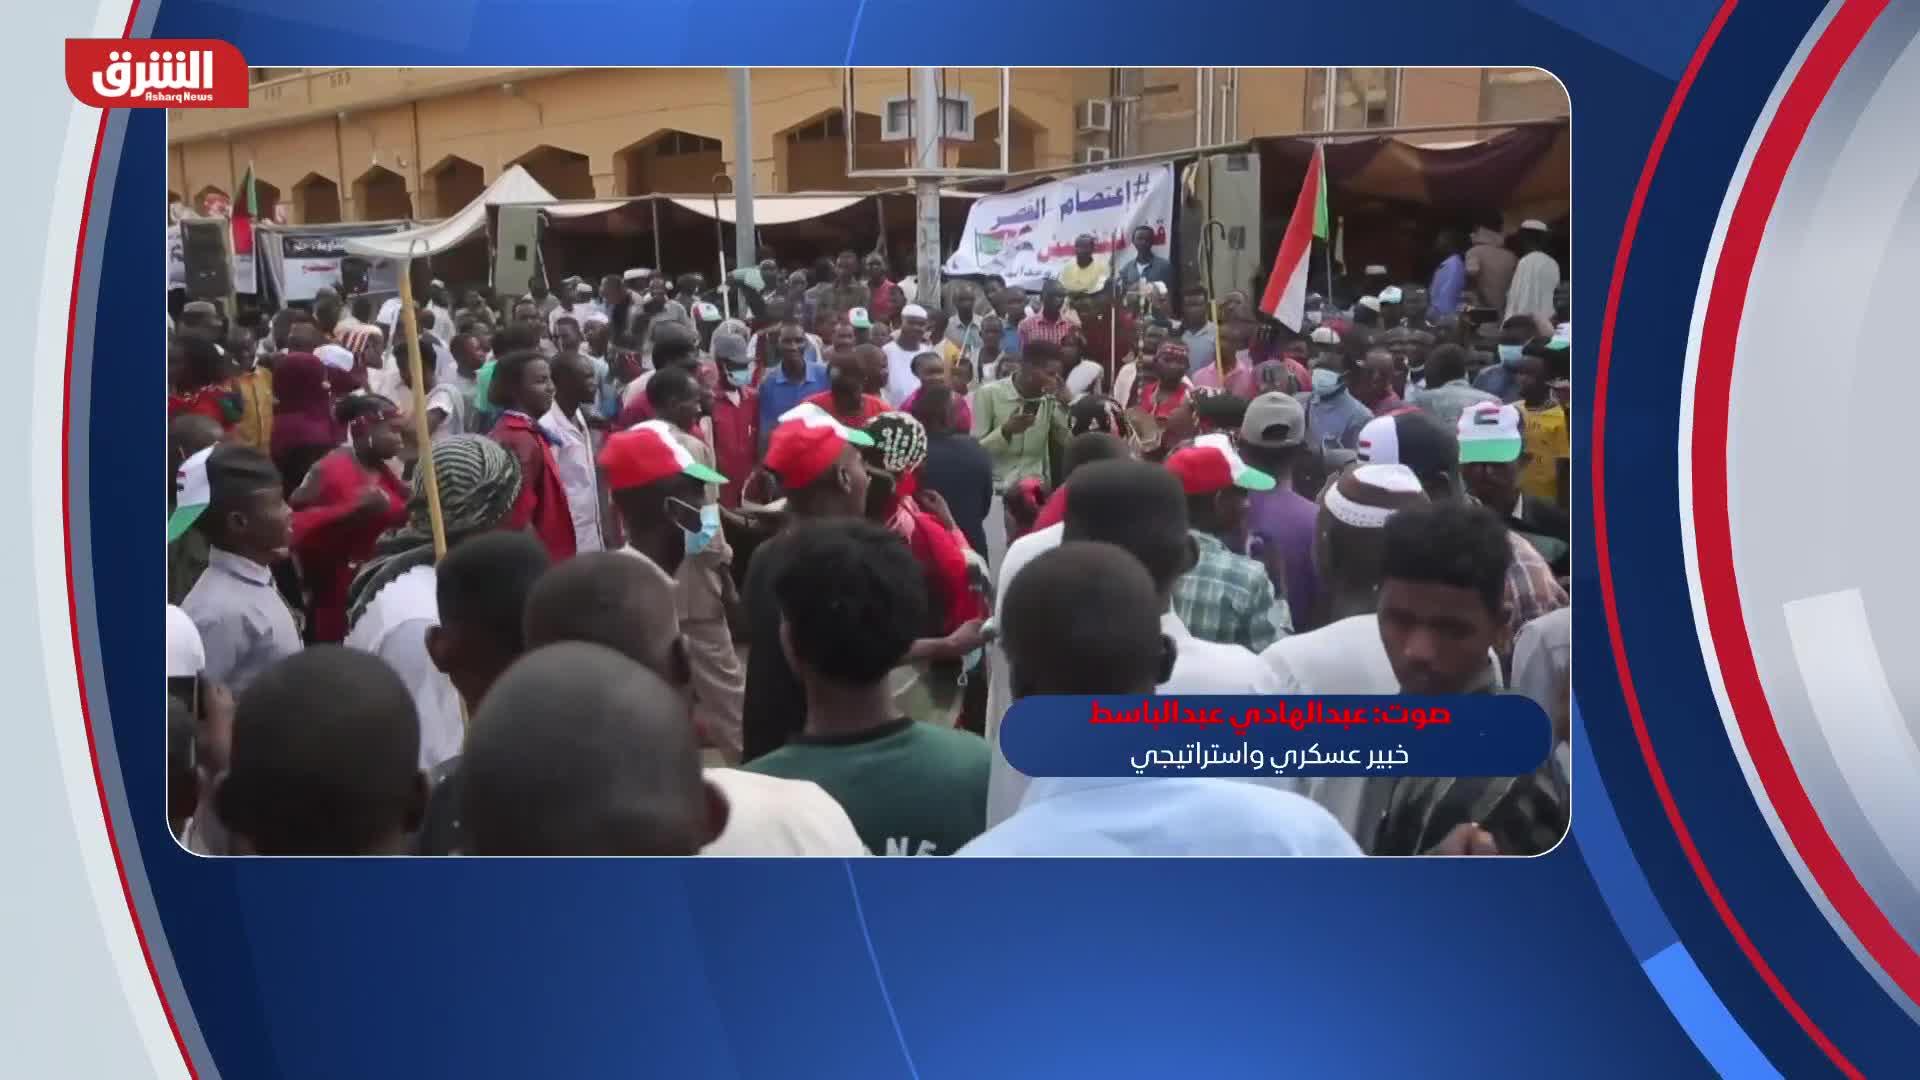 """ما هو الحل للخروج من """"المأزق"""" في السودان؟"""